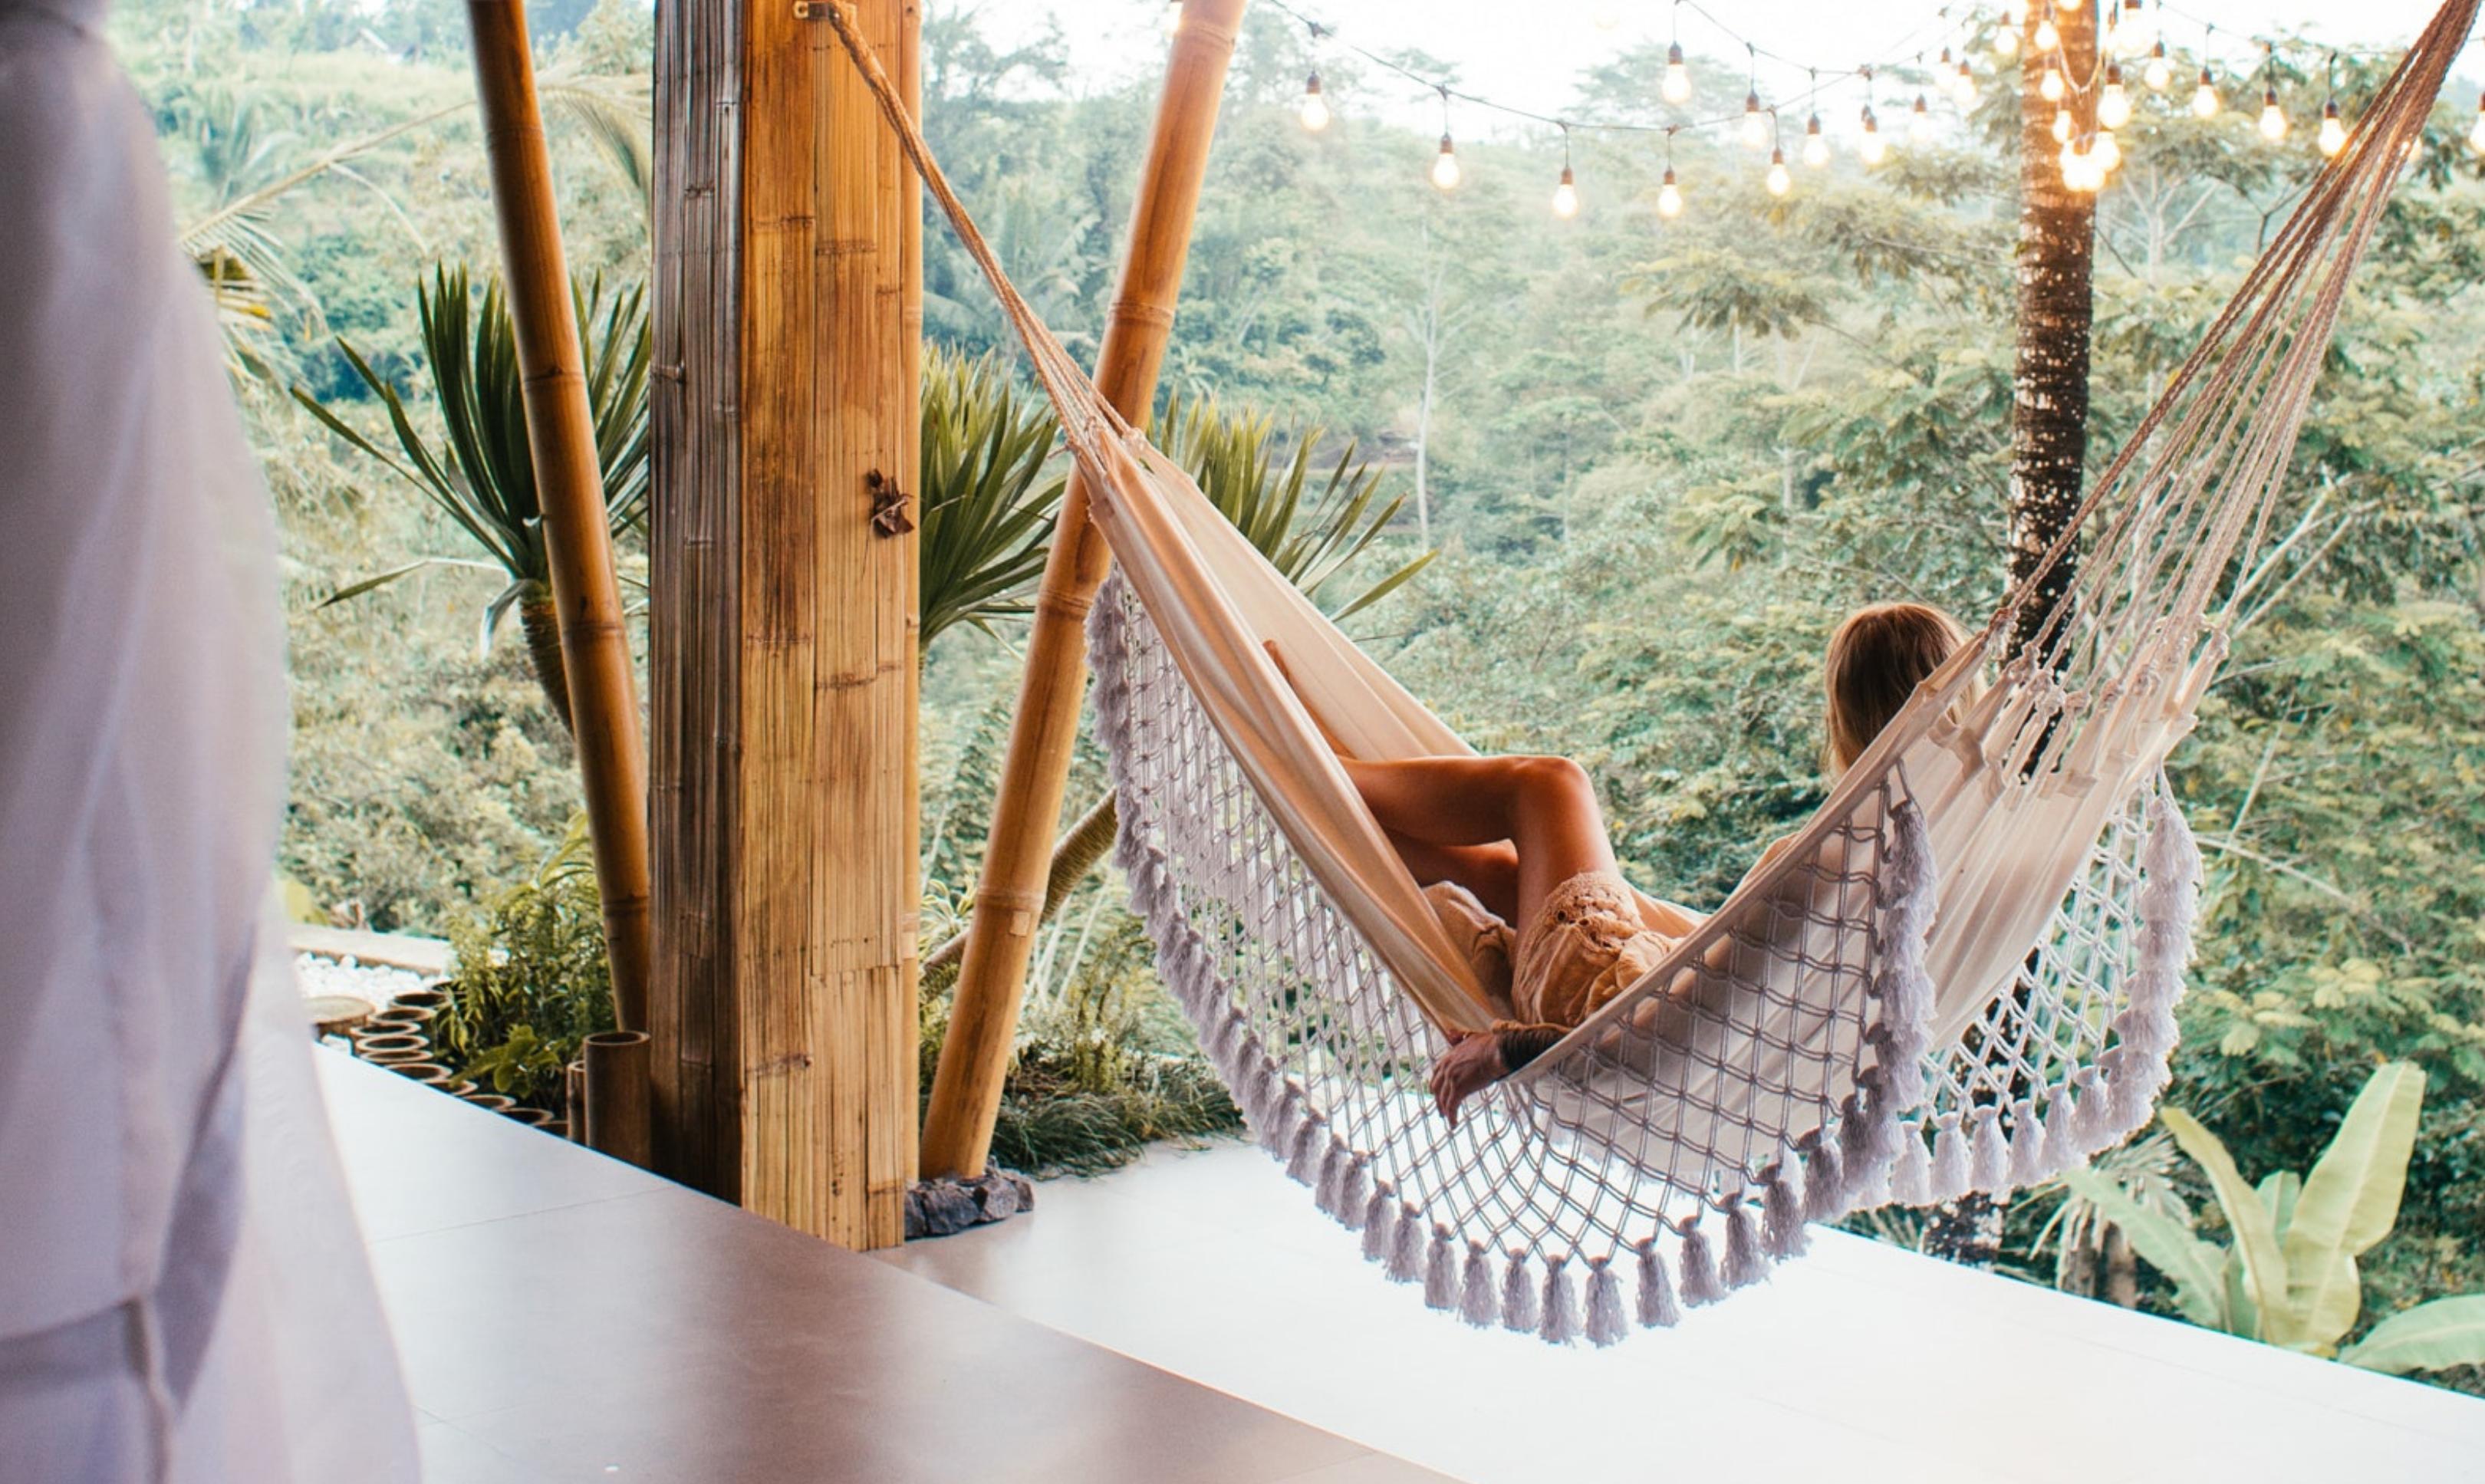 Lounge-плейлист для уютных вечеров на долгие майские выходные